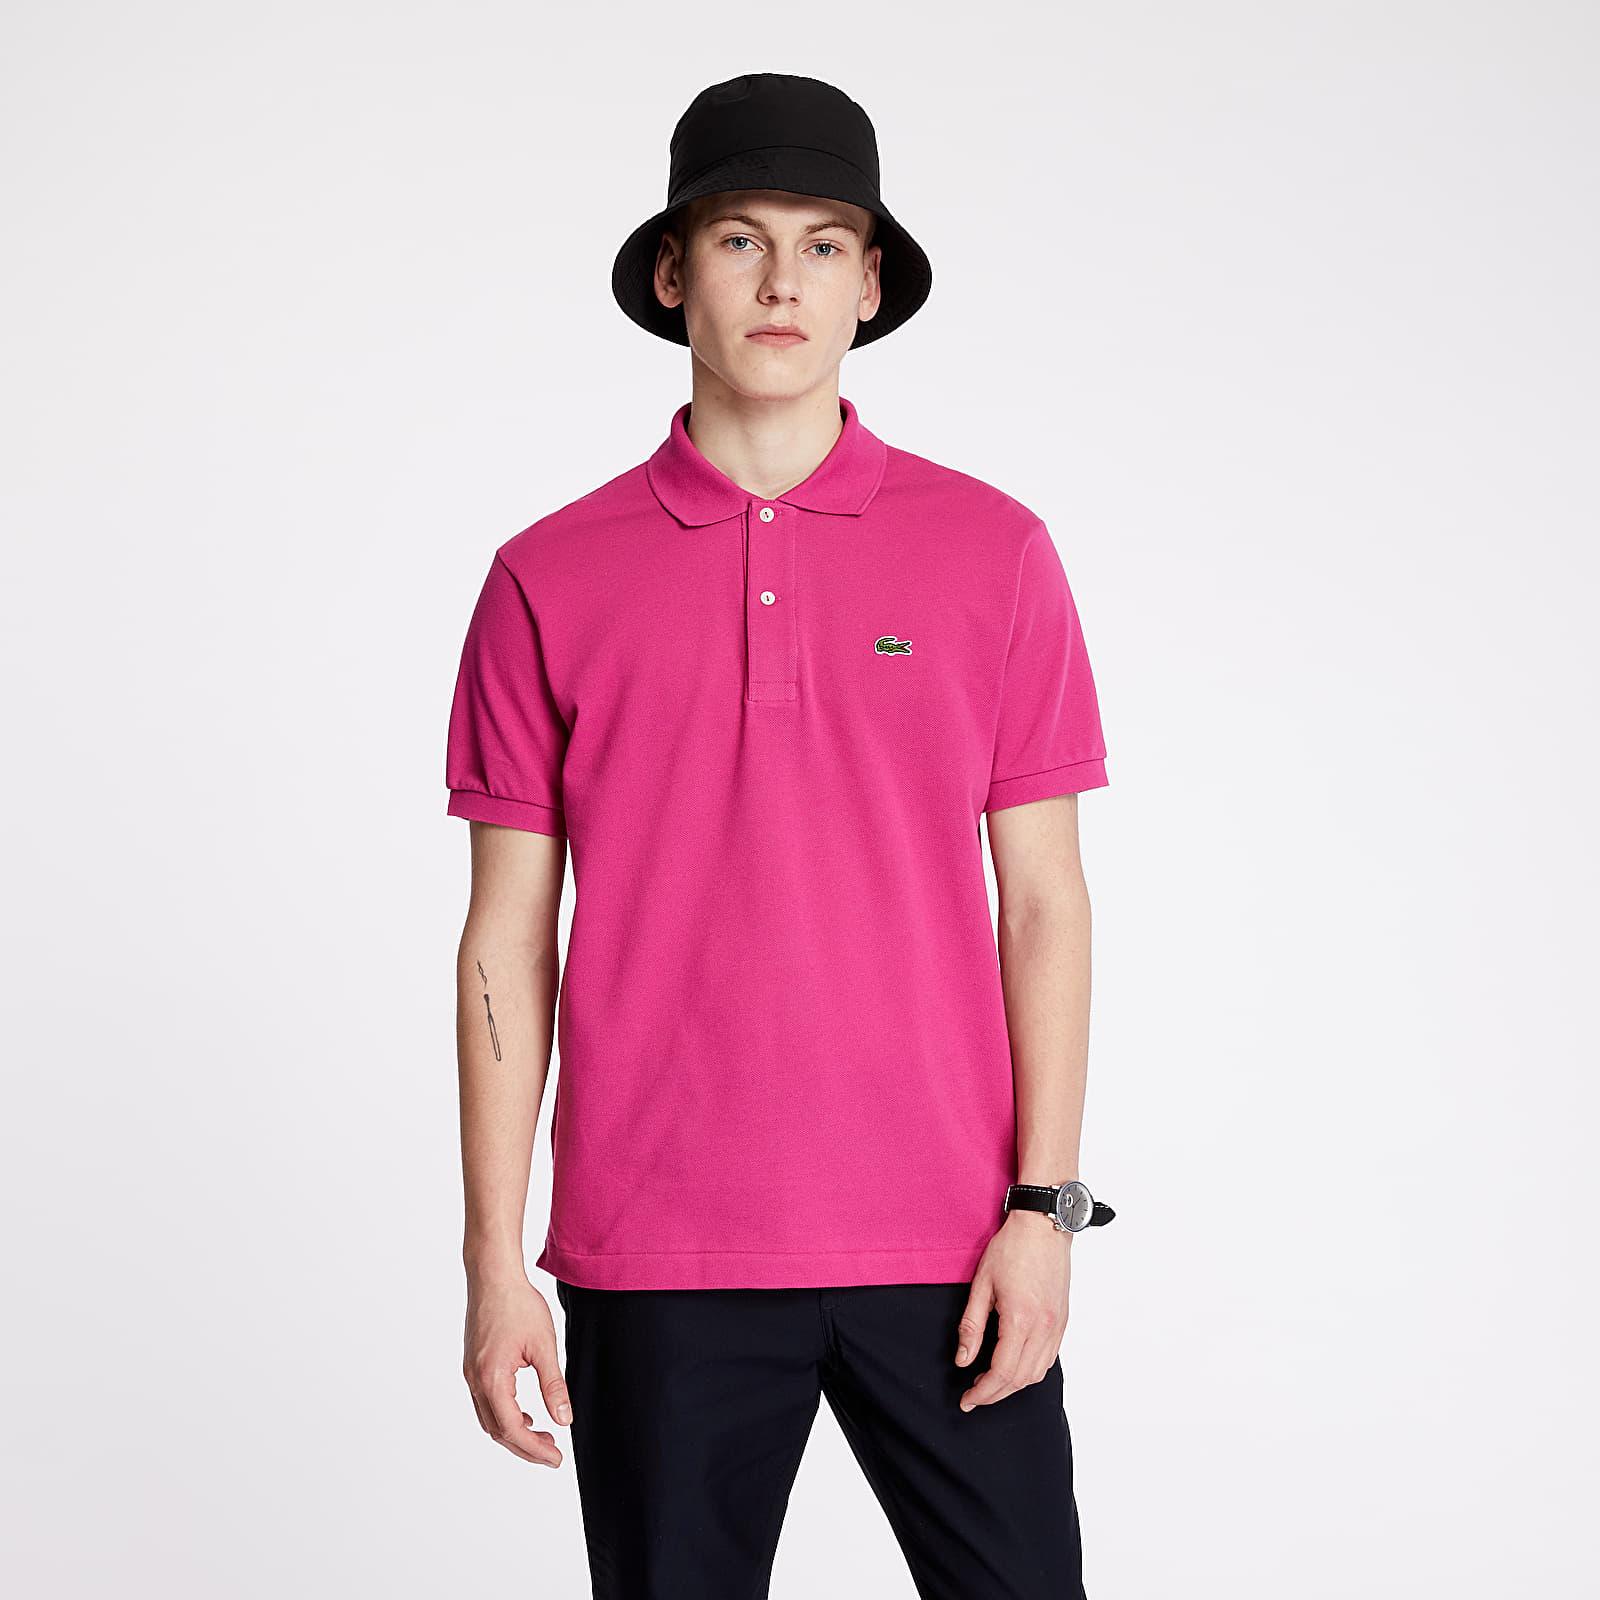 T-shirts LACOSTE Polo Tee Rose Fuchsia